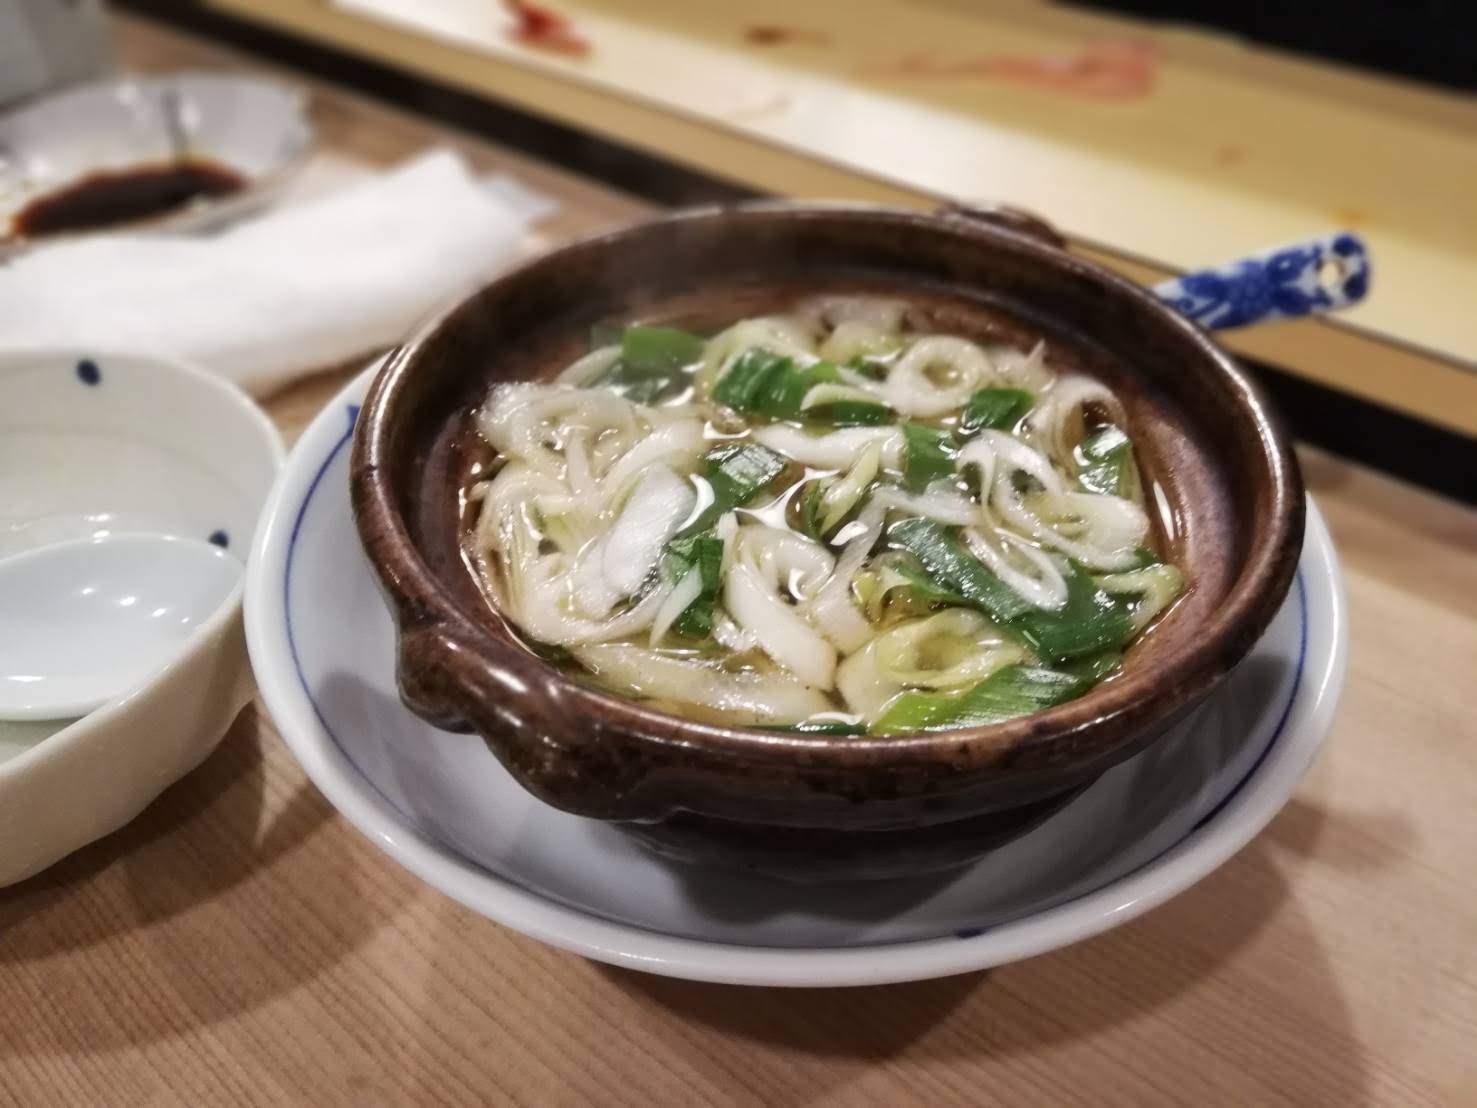 河原町 鯛寿司 ねぎま汁